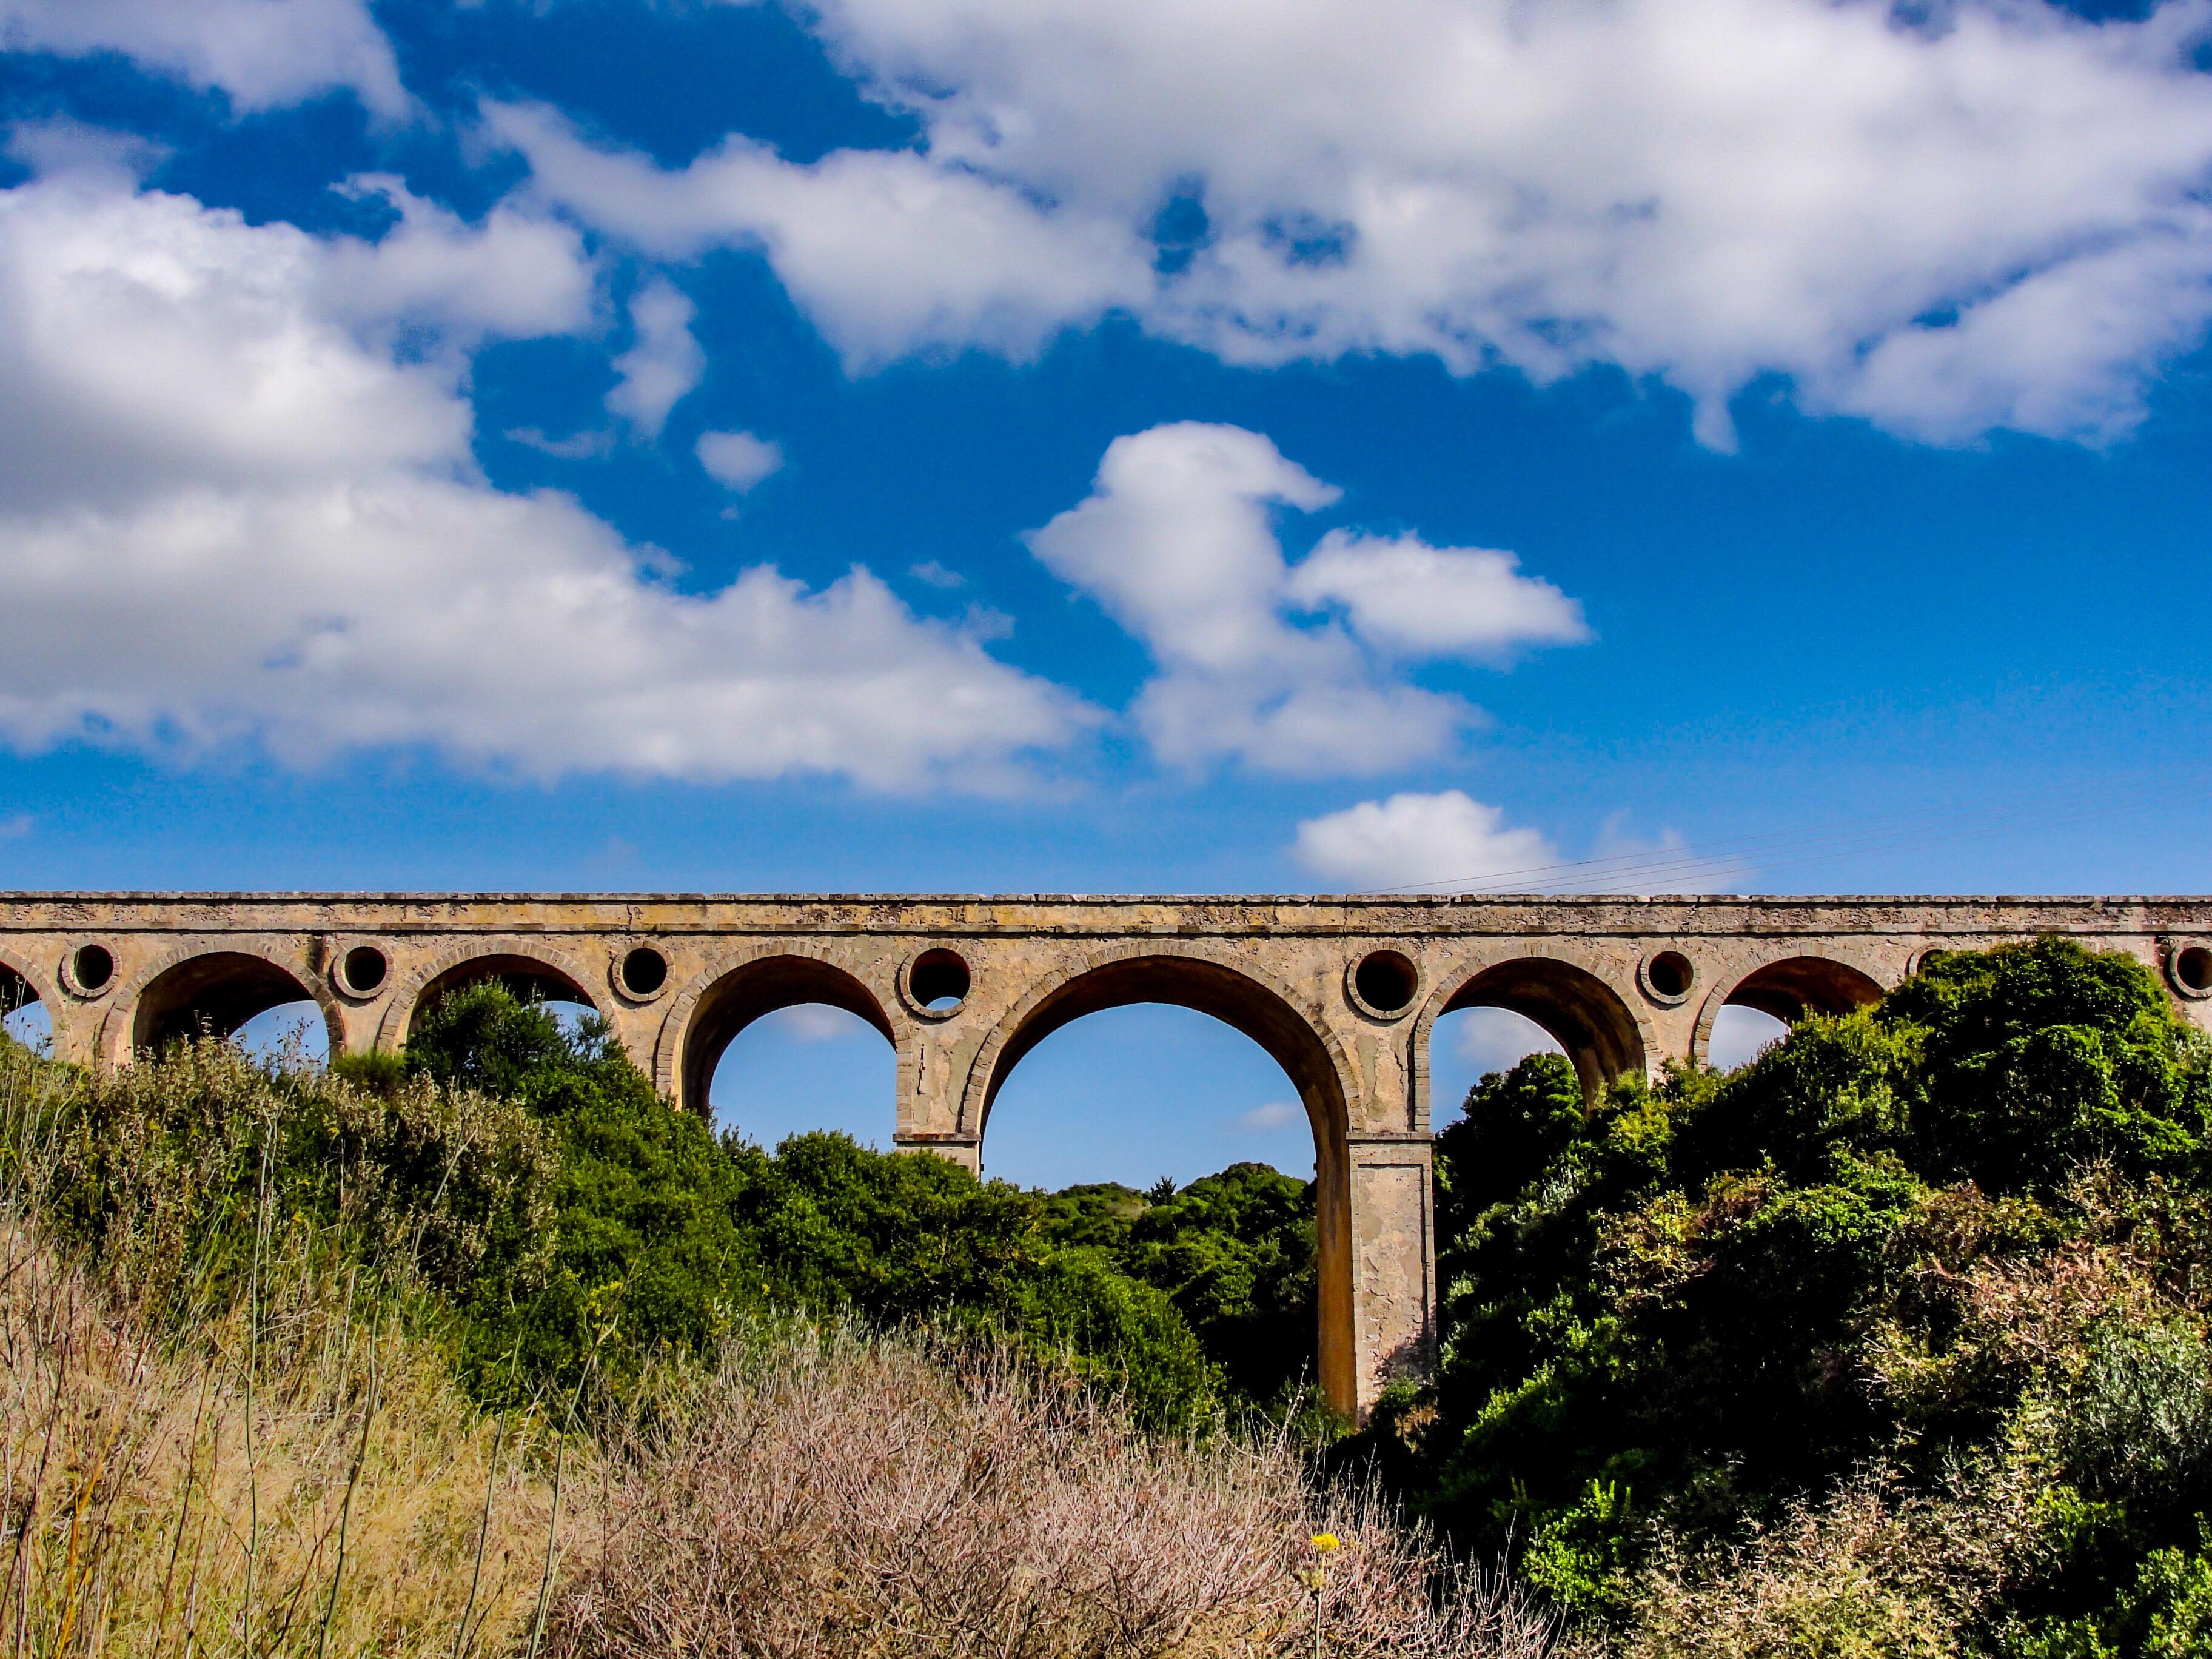 Τοξωτή γέφυρα Κατουνίου / Arch bridge in Katouni